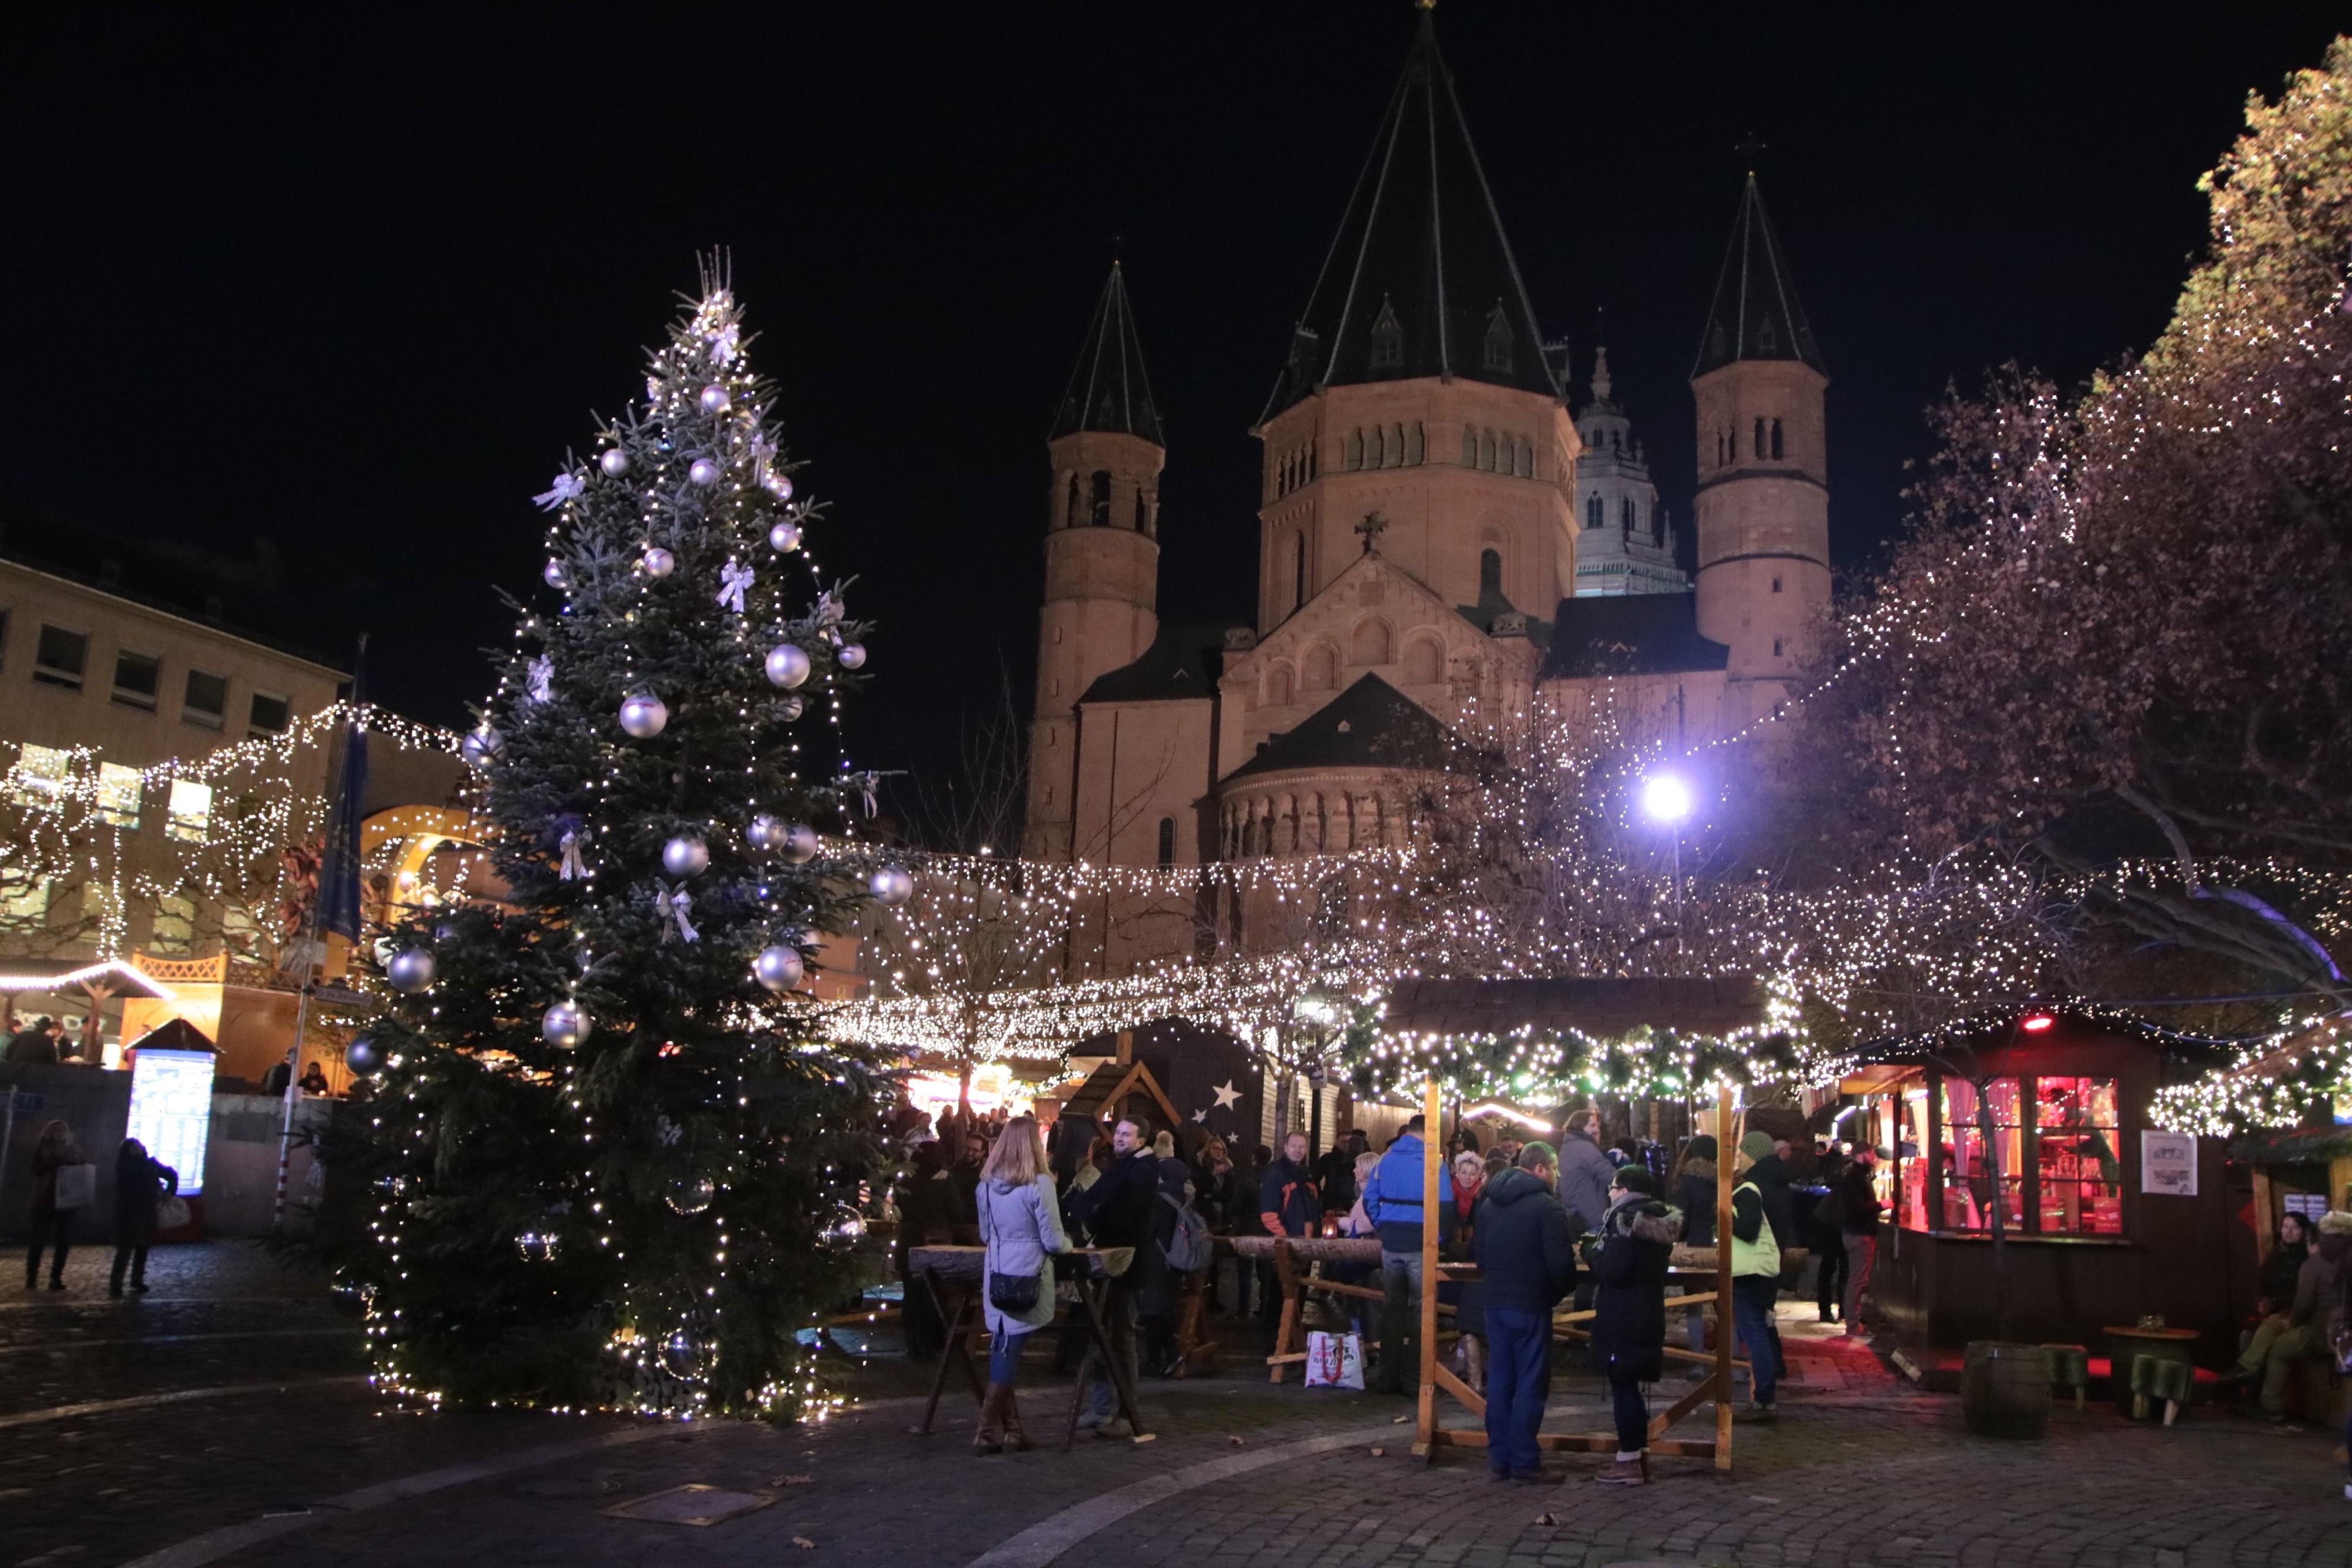 Weihnachtsmarkt Mainz.Der Weihnachtsmarkt Ist Eröffnet